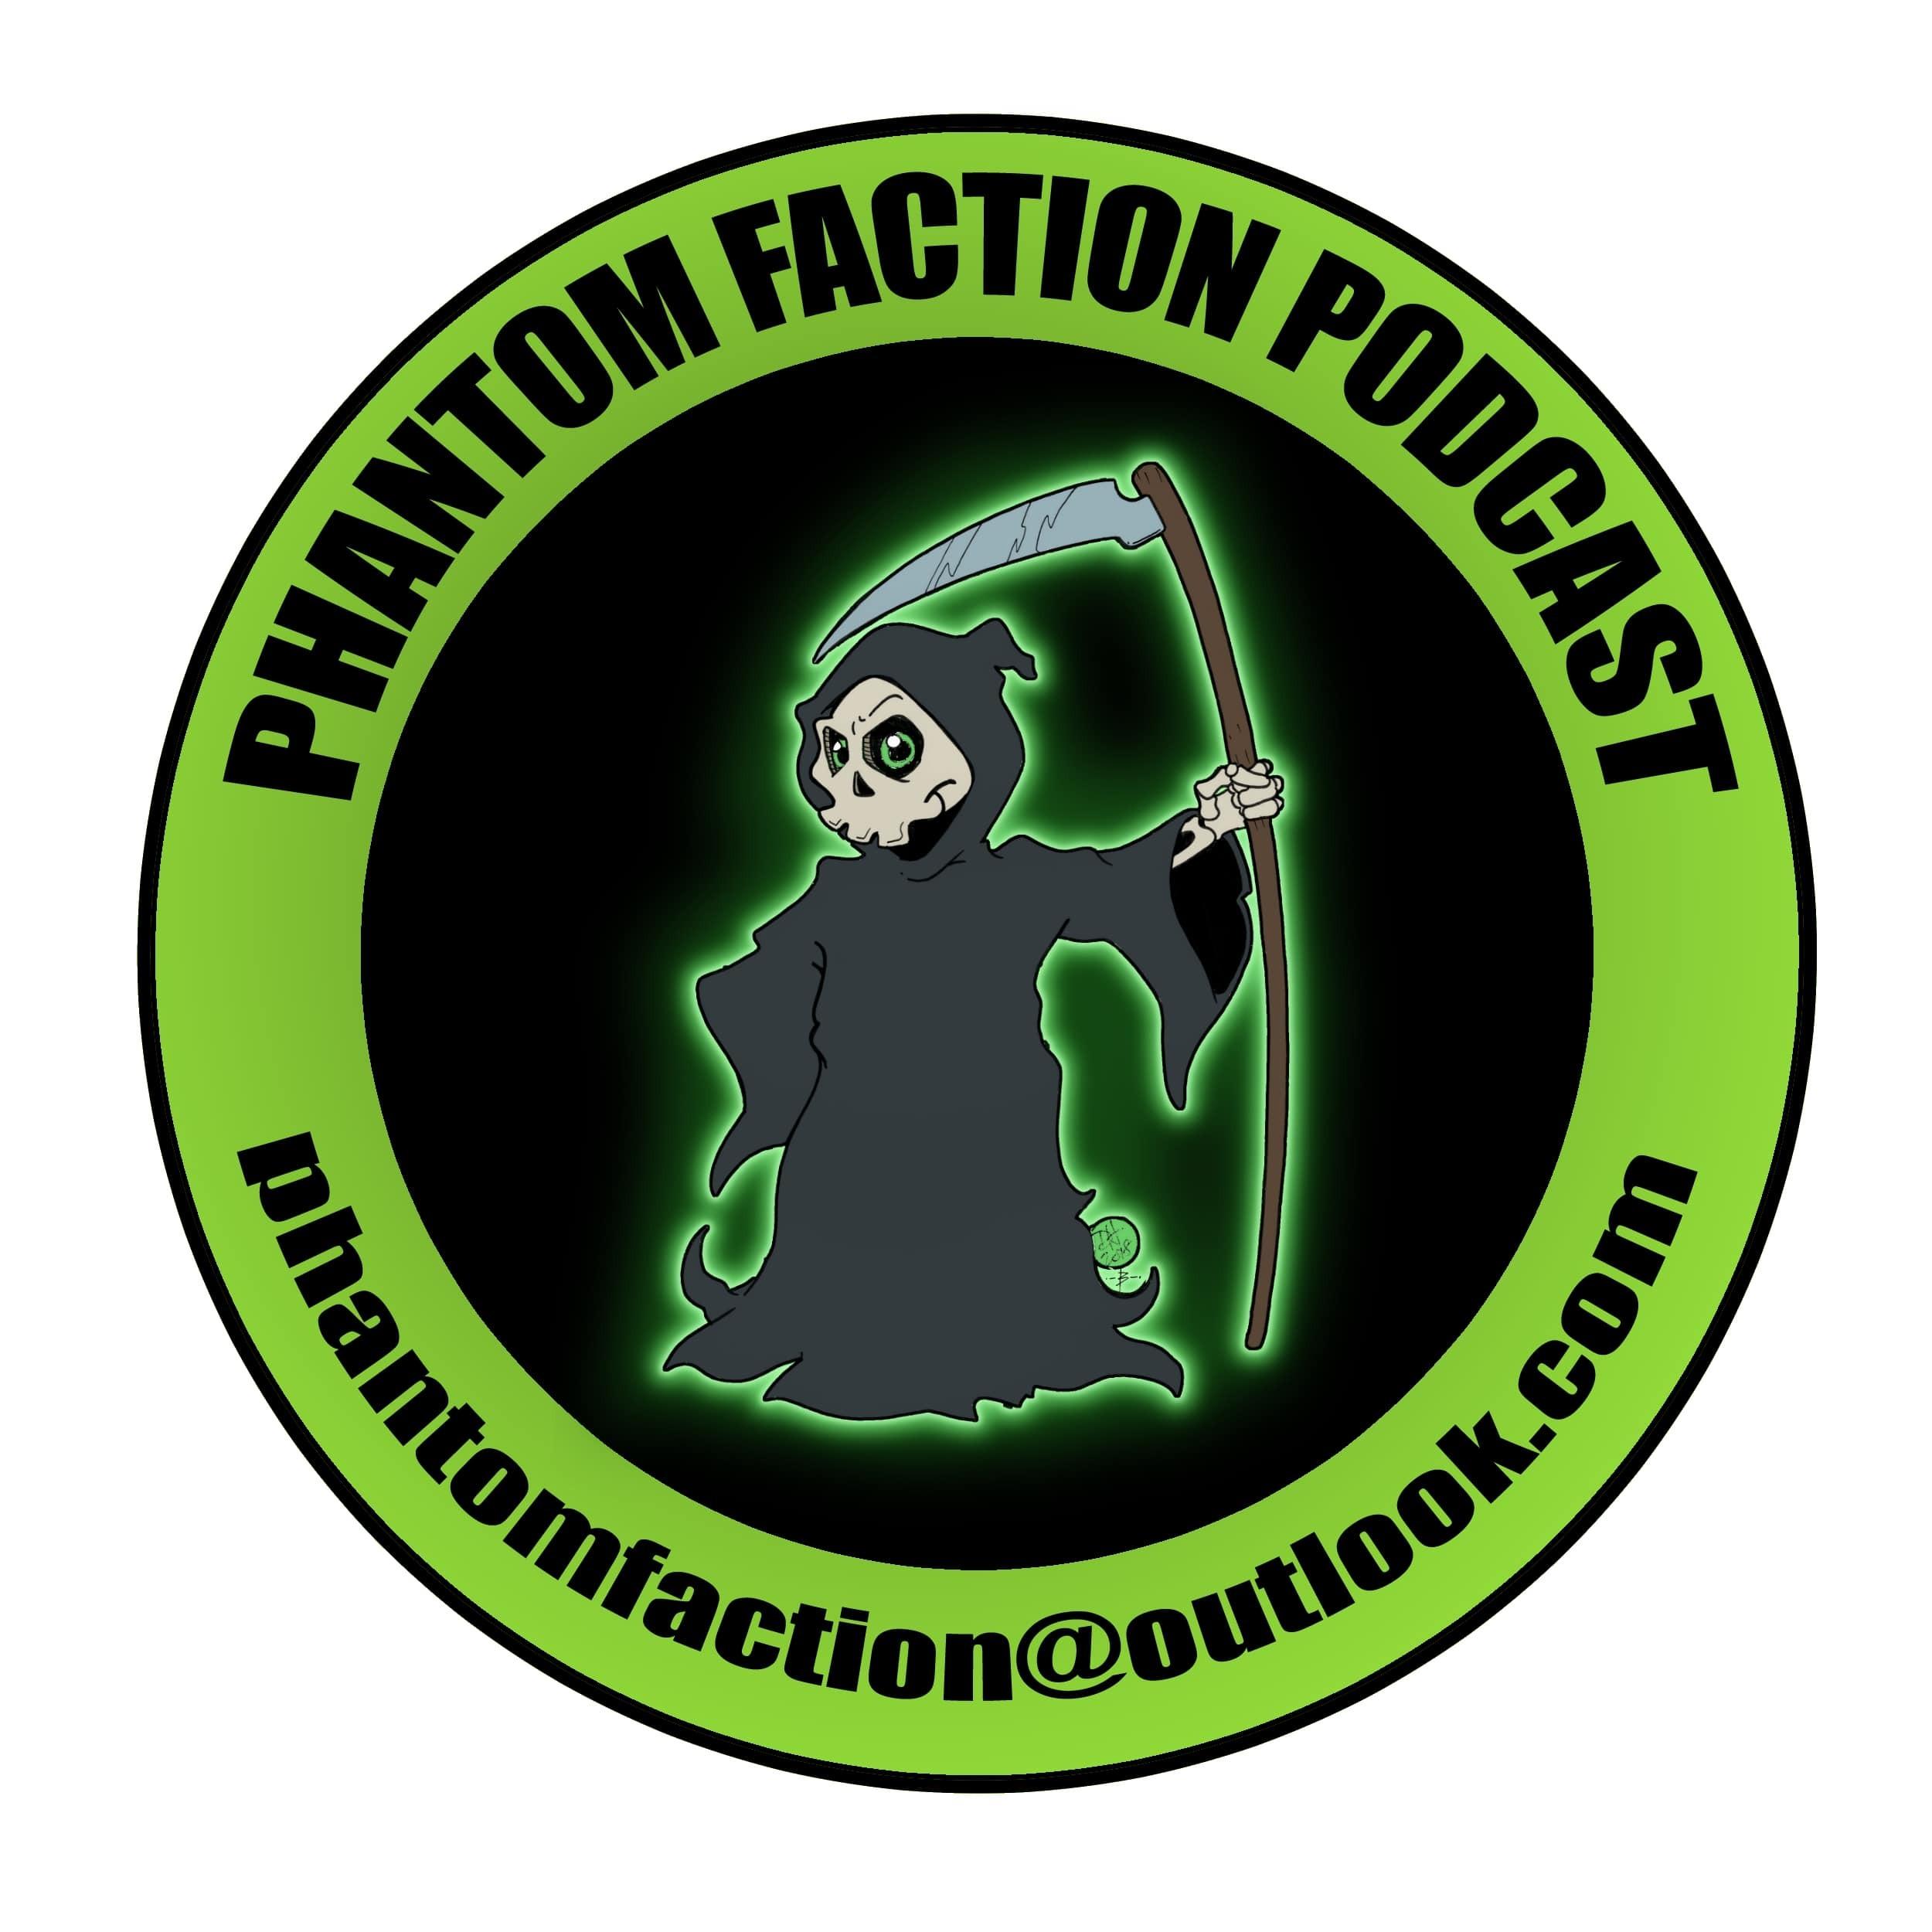 pfp-episode 25 - Beer for Fieldstone